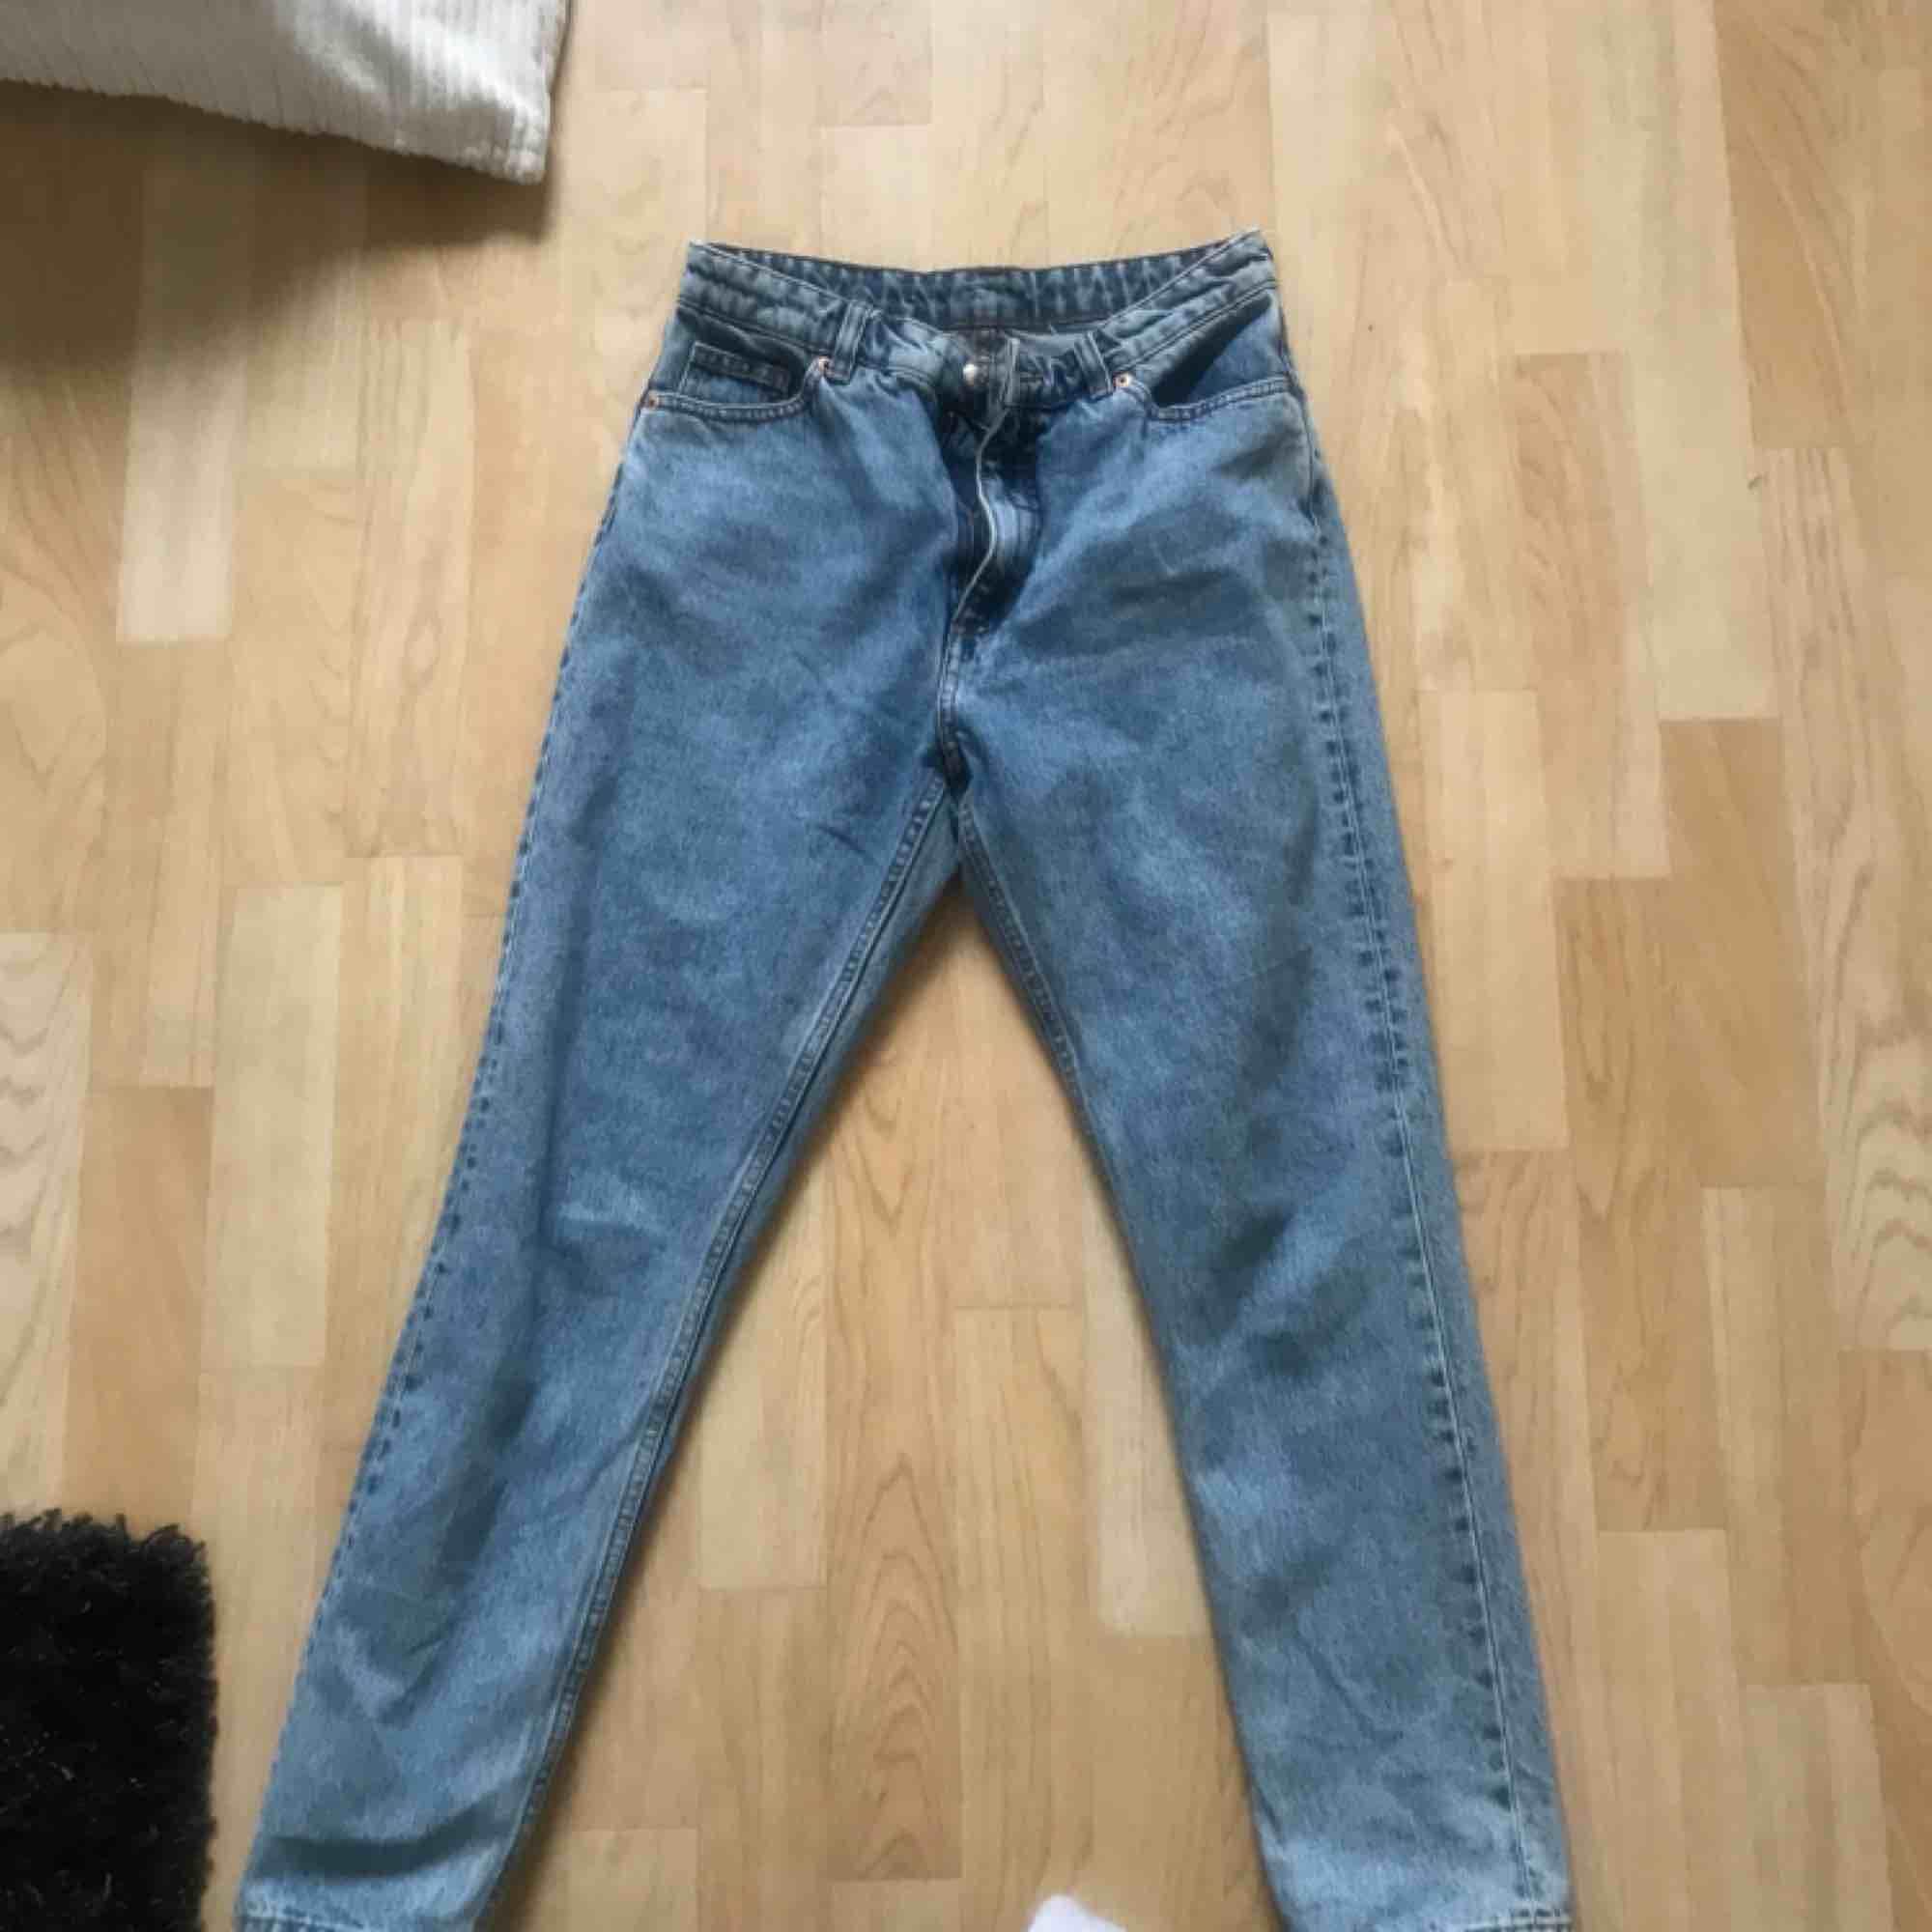 Hej! säljer nu mina kimomo byxor från monki i strl 28 pga att dom är för små! i modellen high relaxed, inköpta för 400kr och säljer för 200kr + frakt (30kr). Hör gärna av er!. Jeans & Byxor.